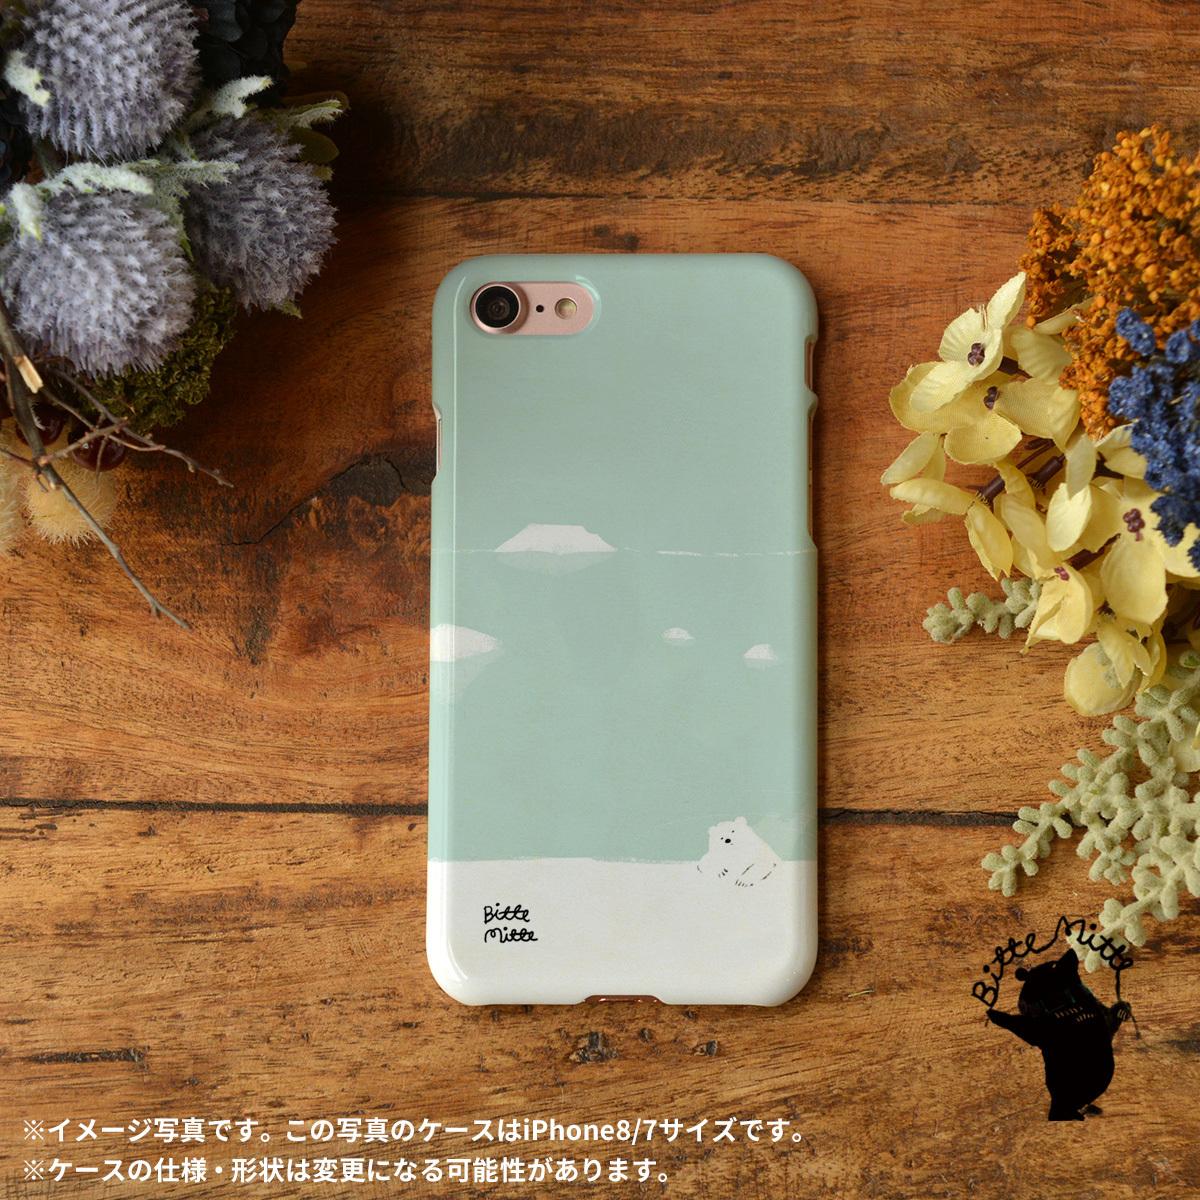 iphone8 ハードケース おしゃれ iphone8 ハードケース シンプル iphone7 ケース かわいい ハード シロクマ 冬 しろくま ひとやすみ/Bitte Mitte!